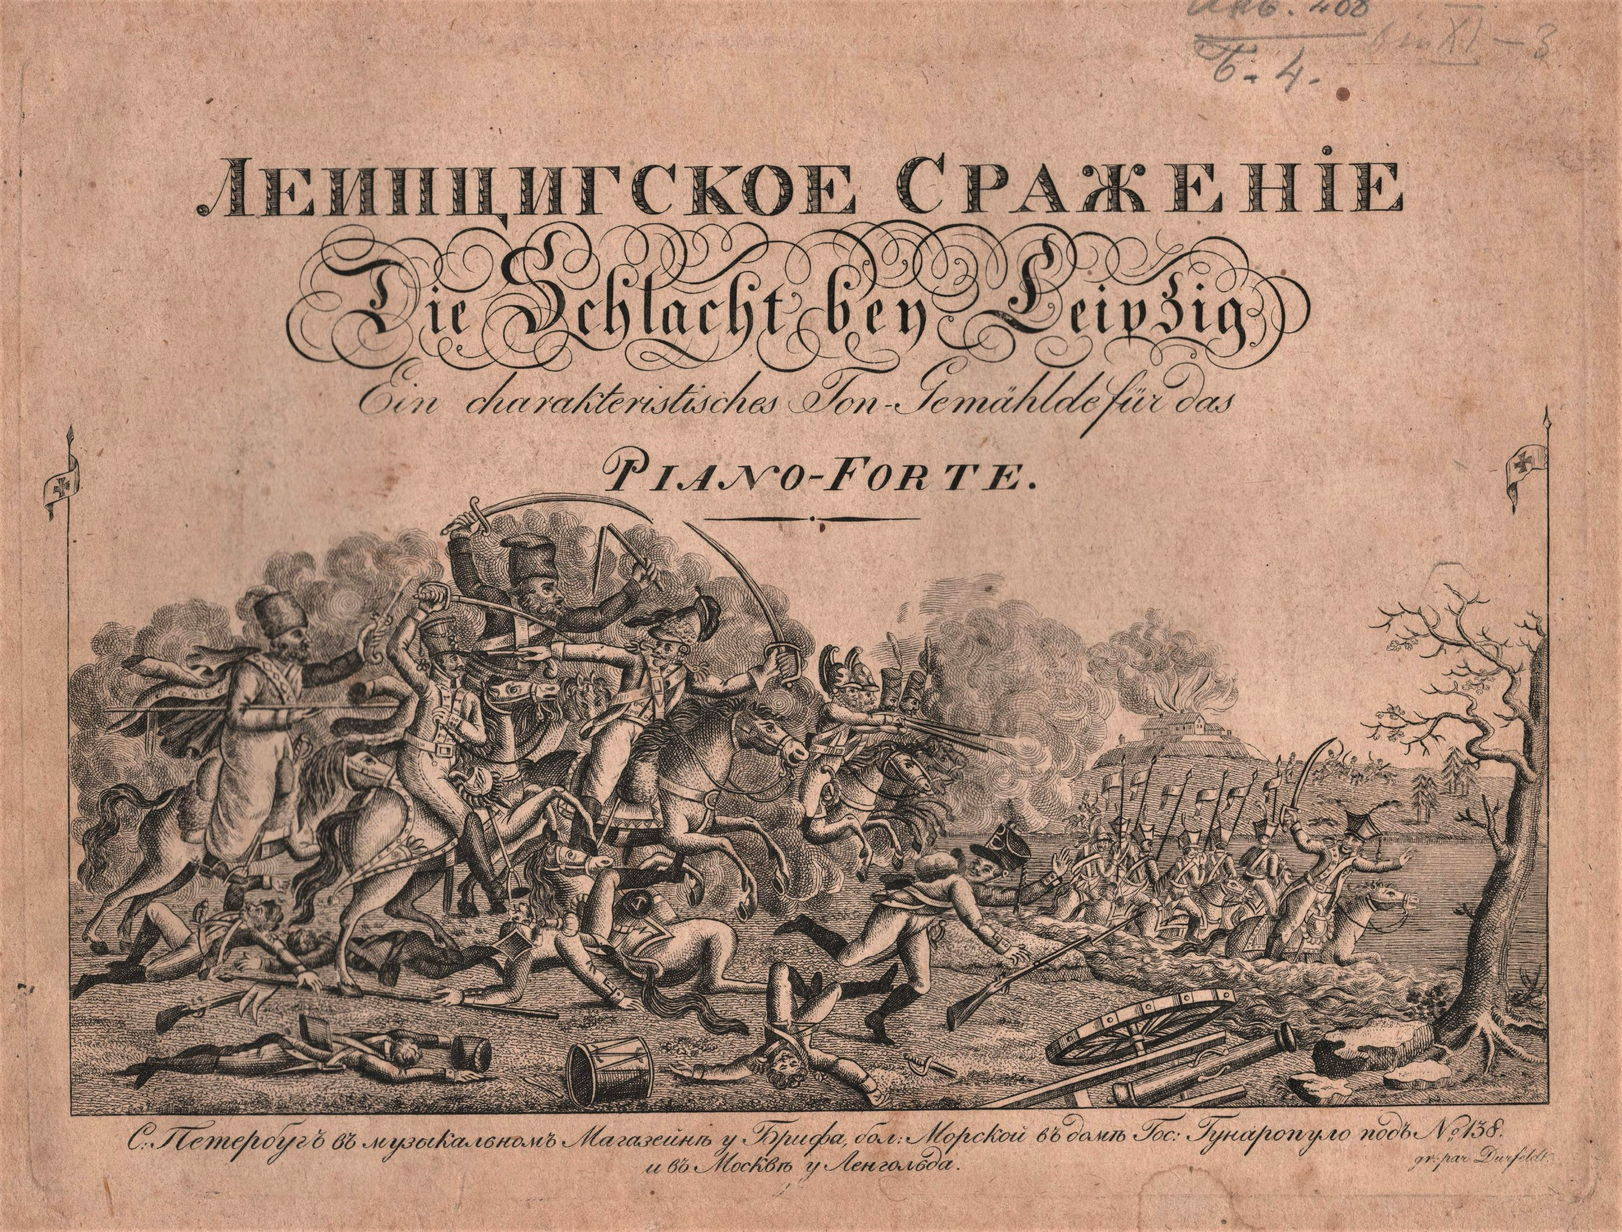 Неизвестный автор. Лейпцигское сражение. Гравюра на меди Фридриха Дюрфельда, [1815 ]. Дар К.Ю. Зографа